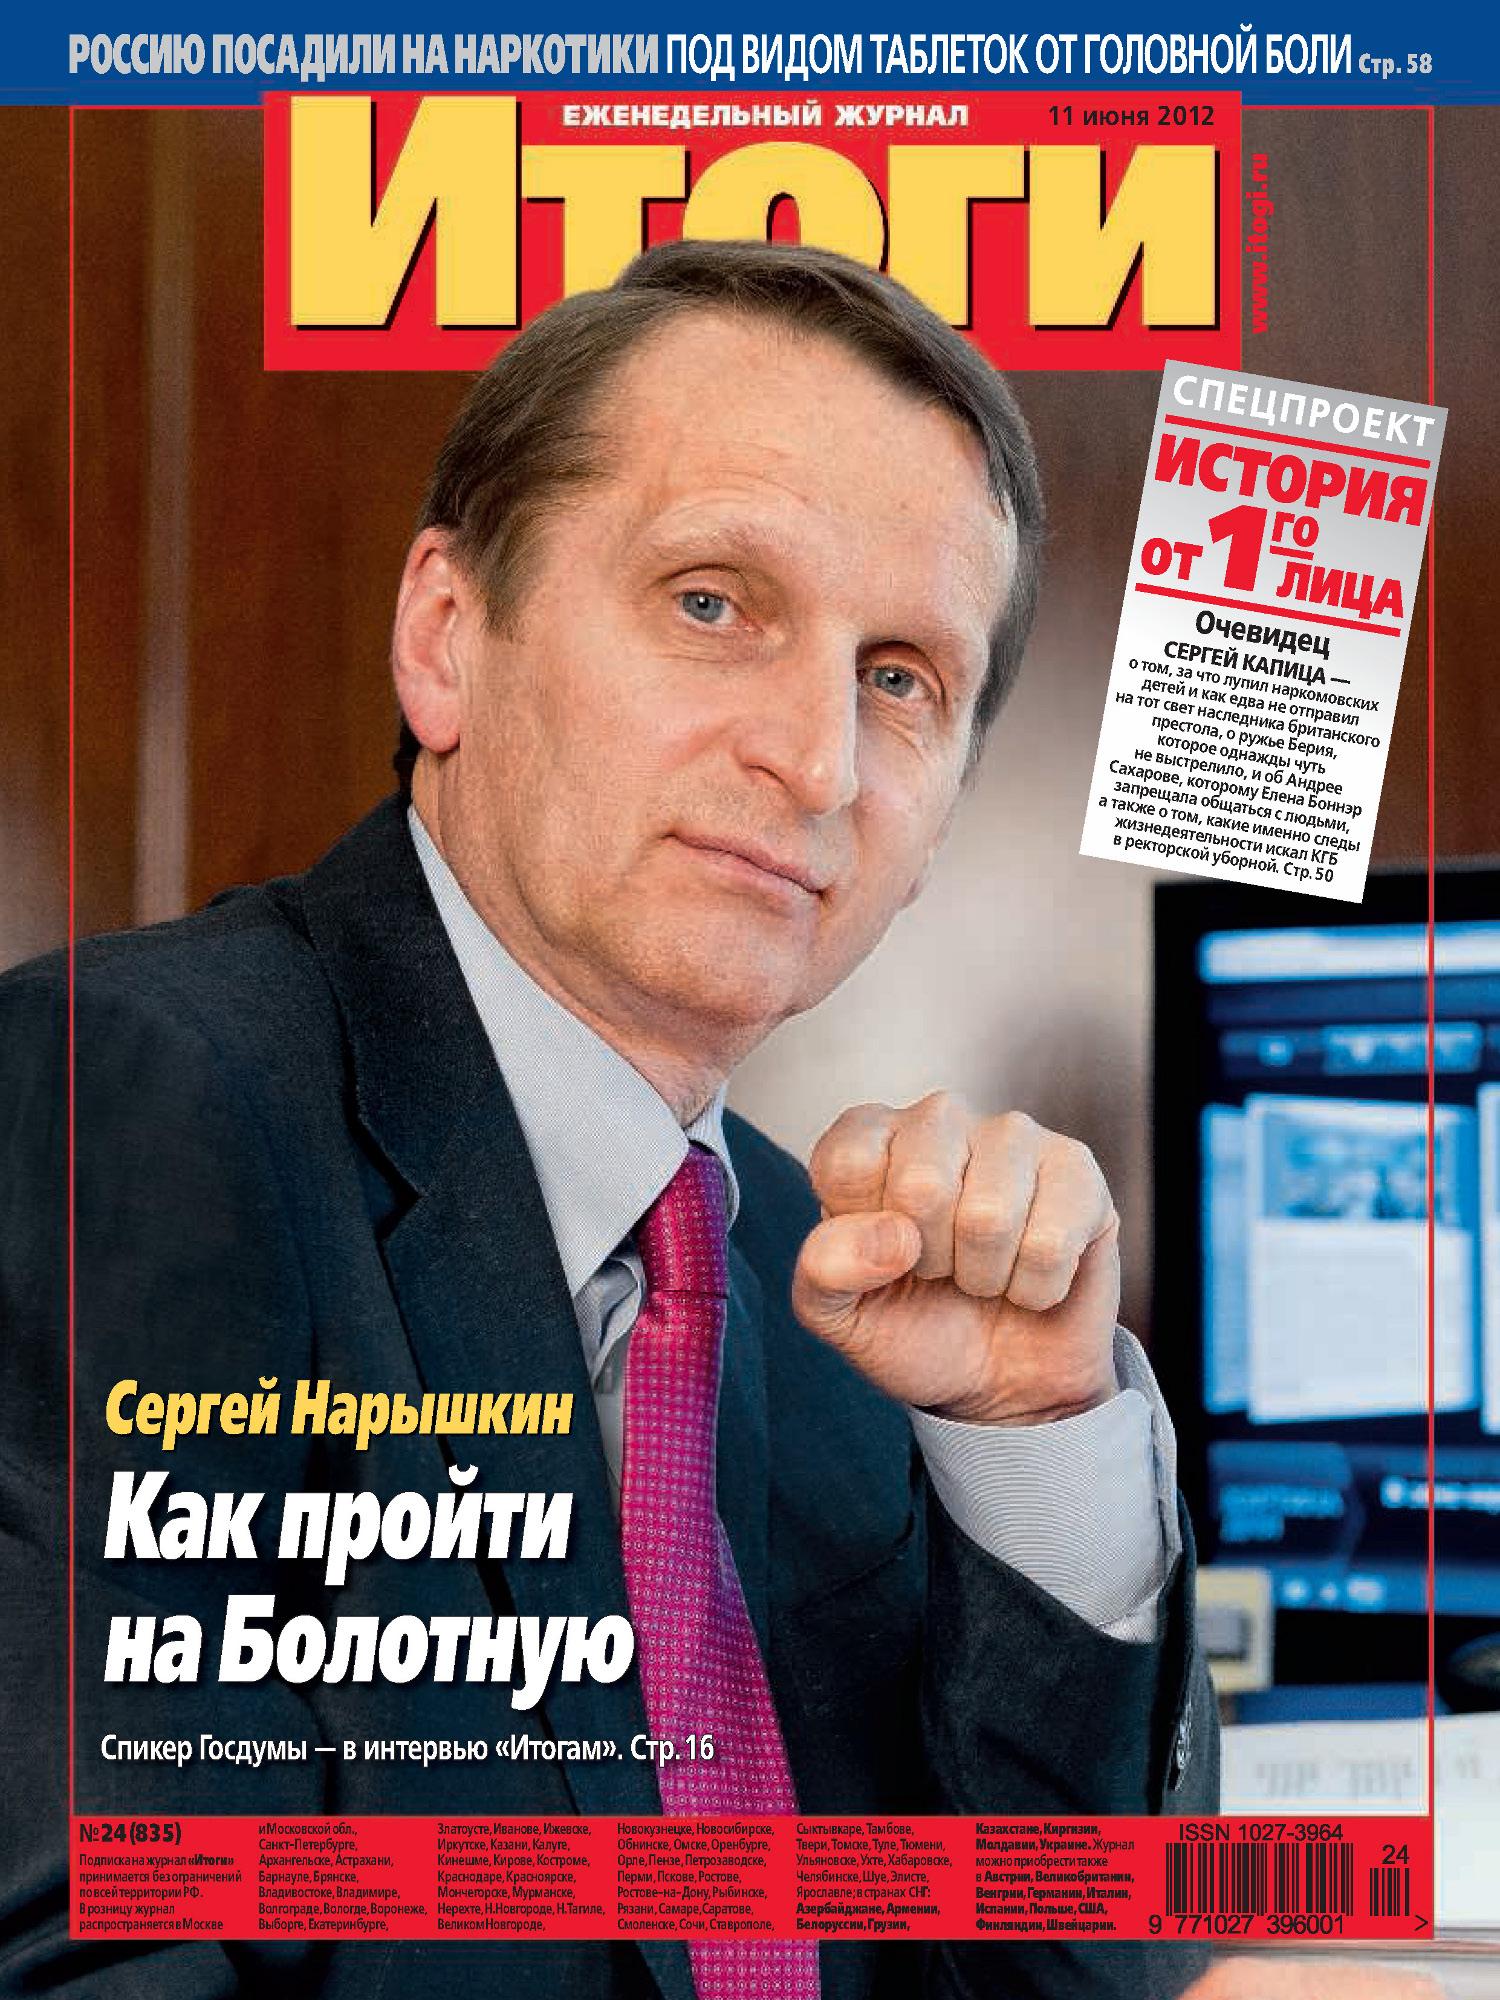 Отсутствует Журнал «Итоги» №24 (835) 2012 отсутствует журнал итоги 24 835 2012